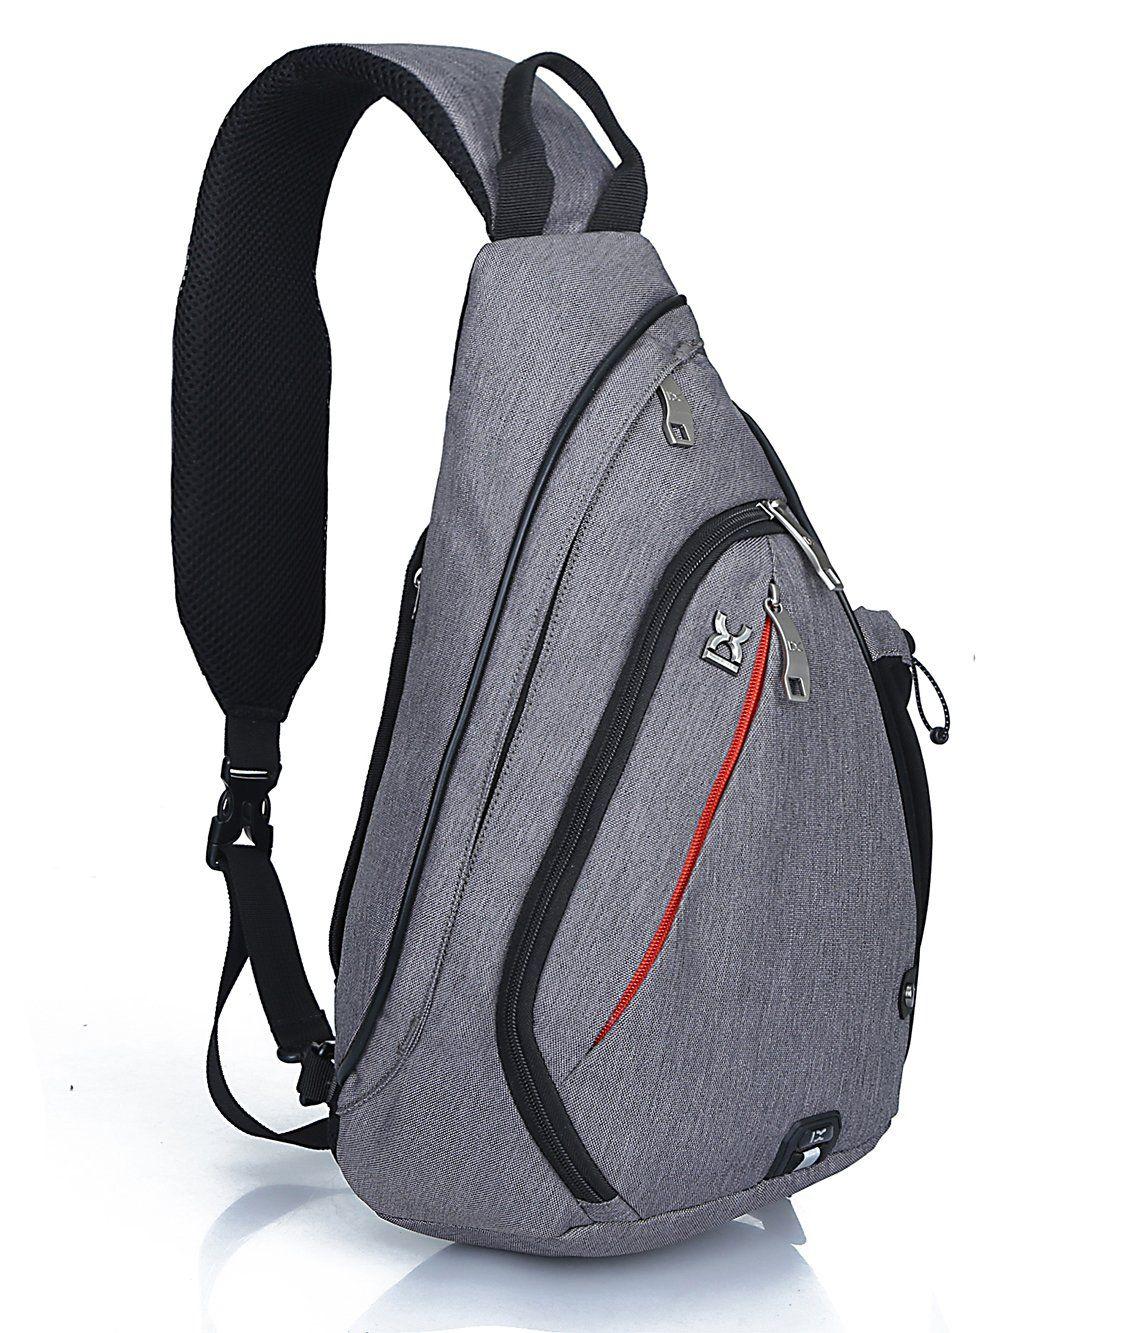 Pioneeryao sling bag backpack pack grey Please note Sizein